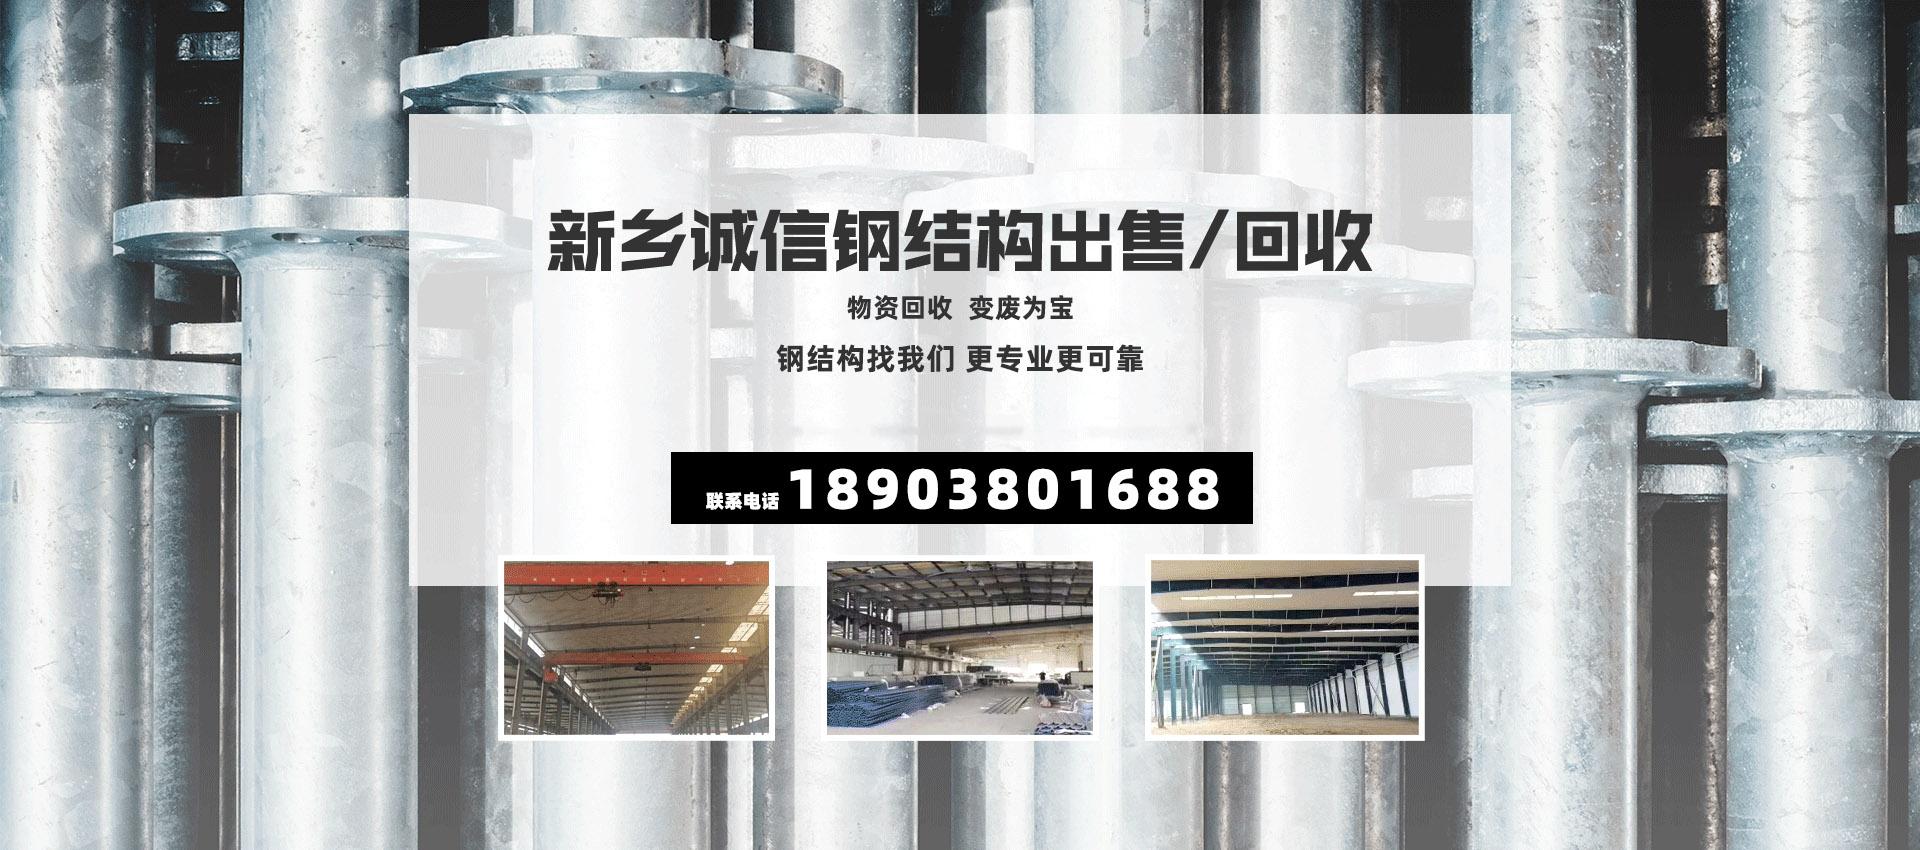 襄阳二手厂房回收出售服务